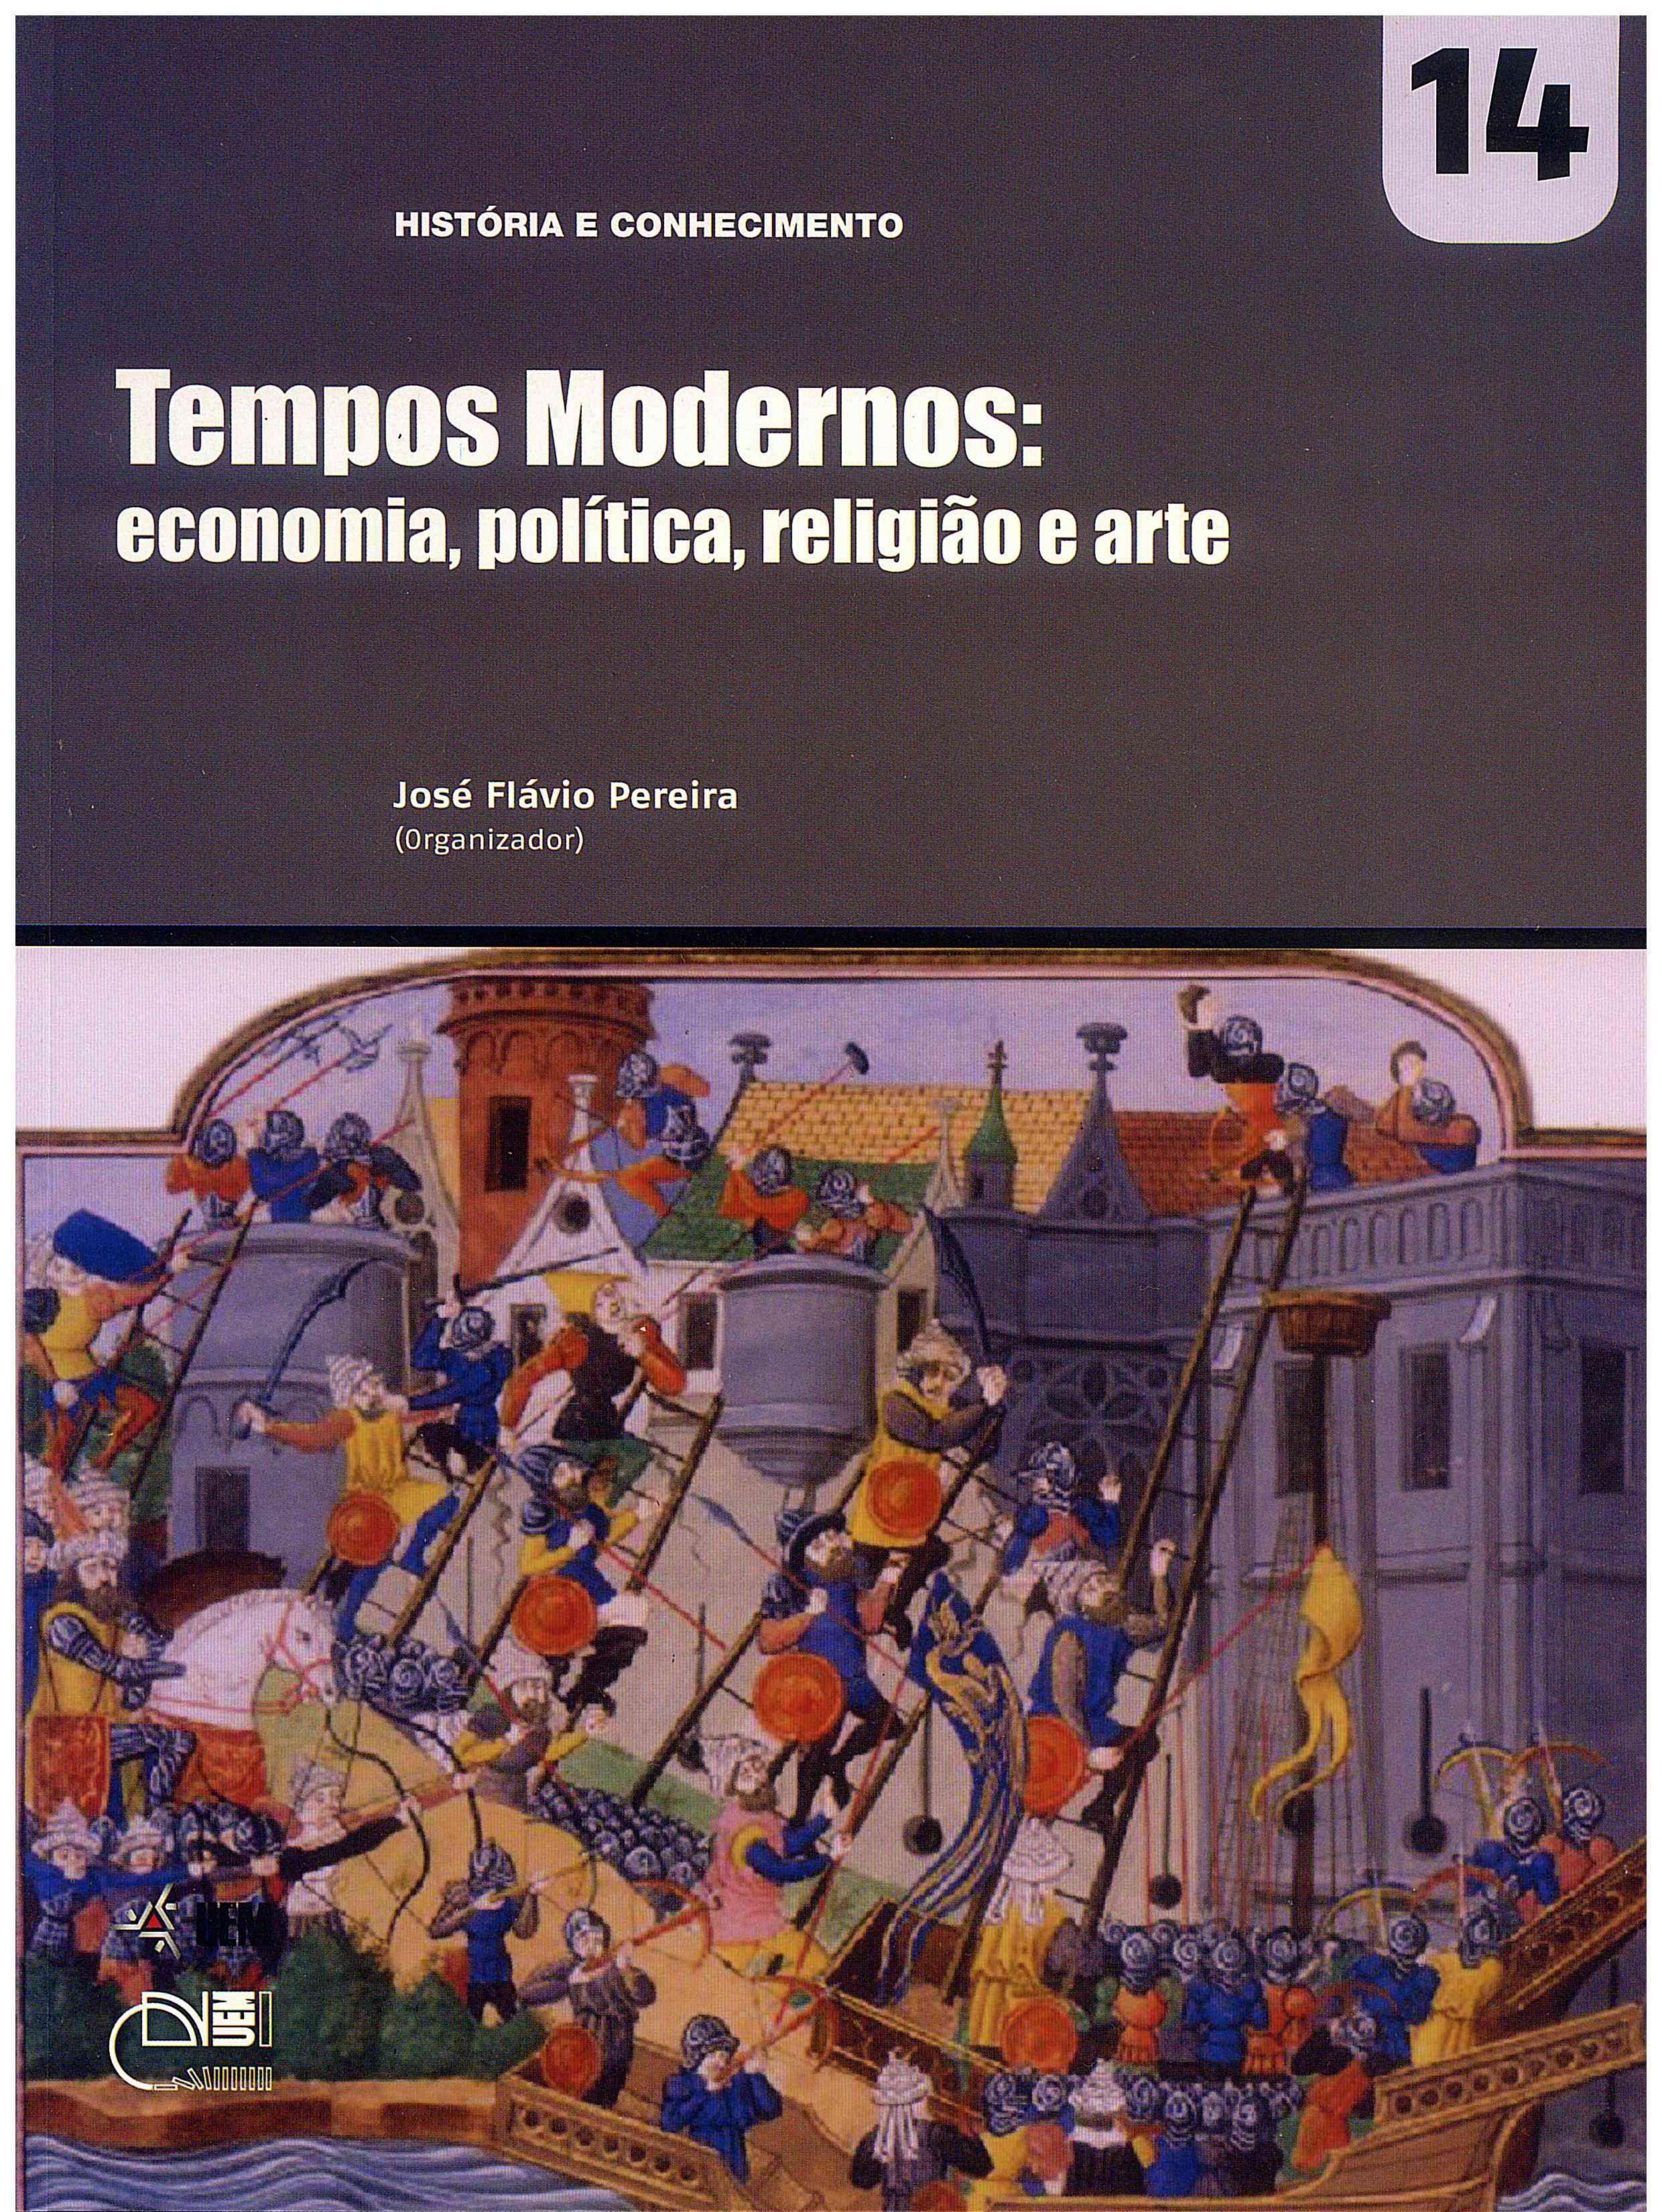 PEREIRA, J. F. (Org.). Tempos Modernos: economia, política, religião e arte